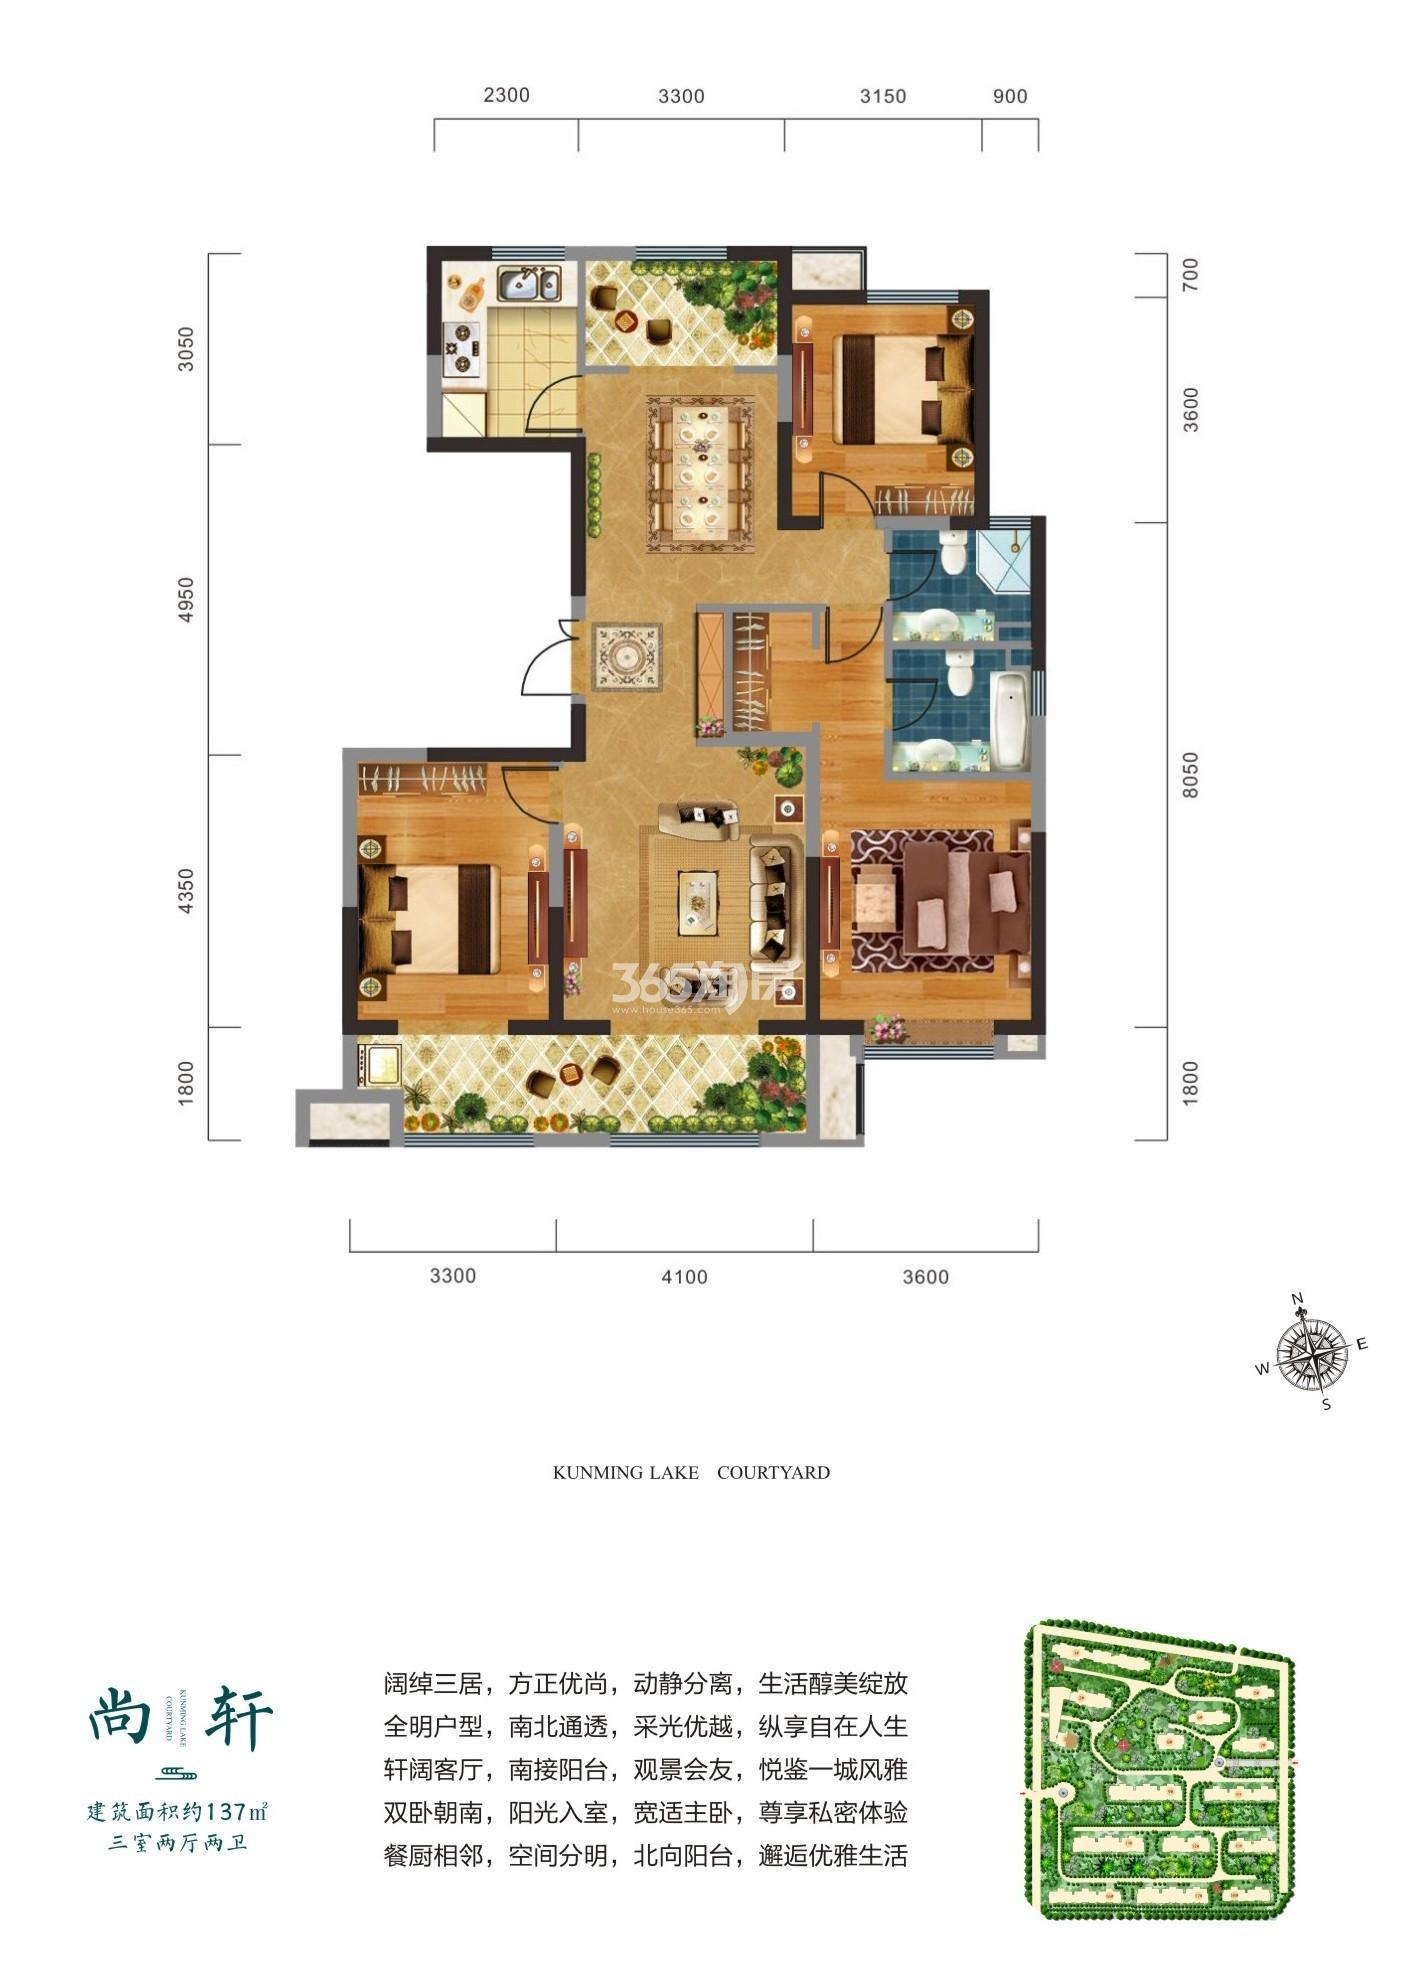 中建昆明澜庭三室两厅137㎡户型图